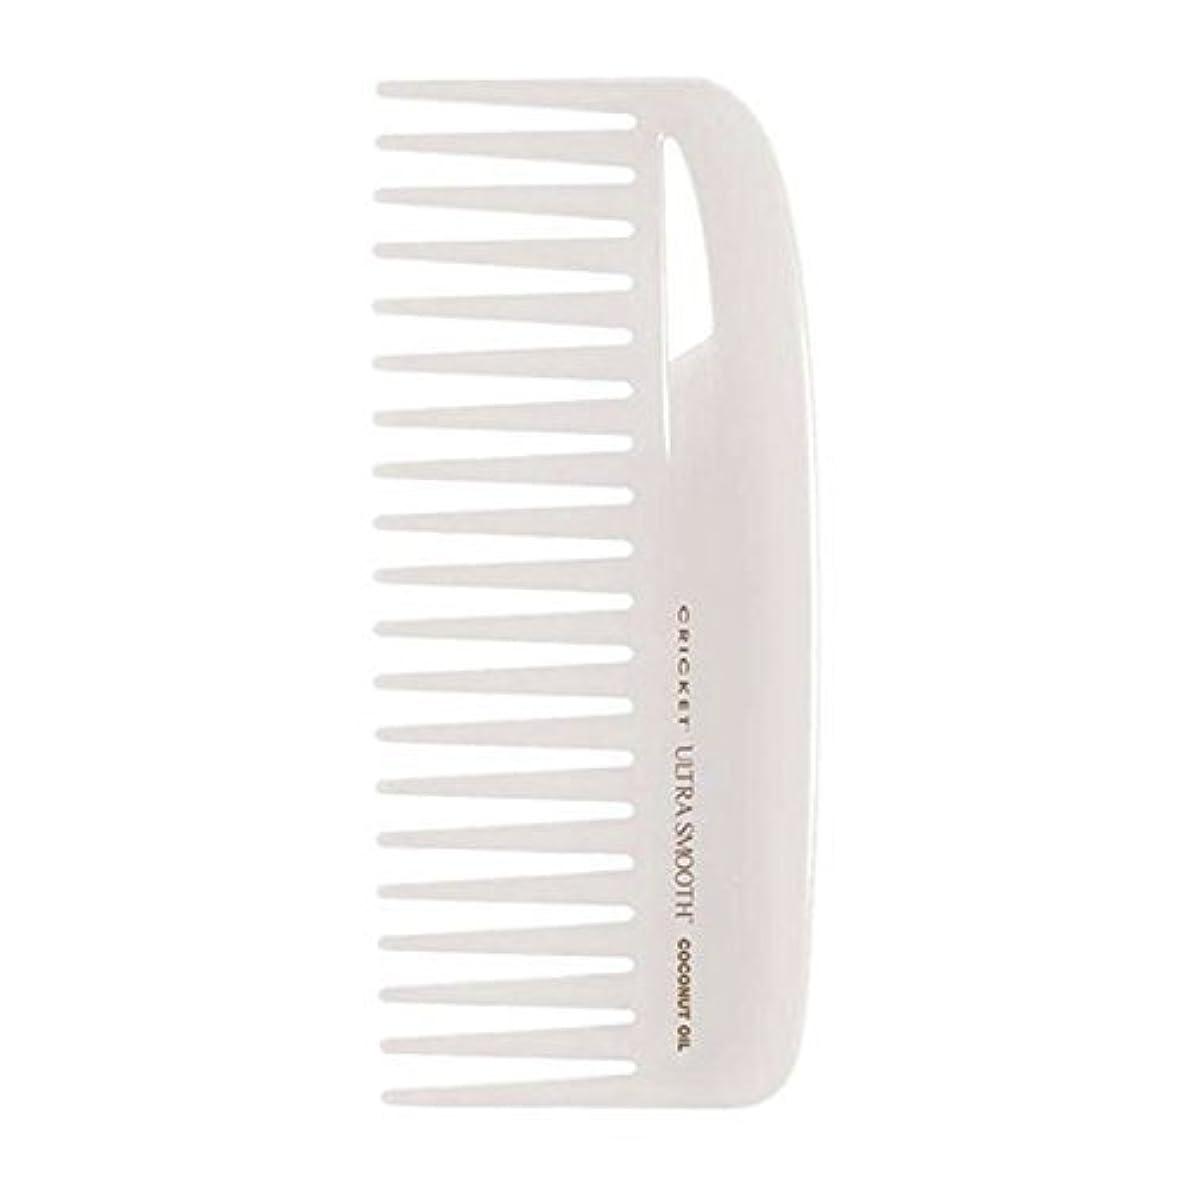 忠誠アロング受け皿Cricket Ultra Smooth Coconut Conditioning Comb, 1 Count [並行輸入品]